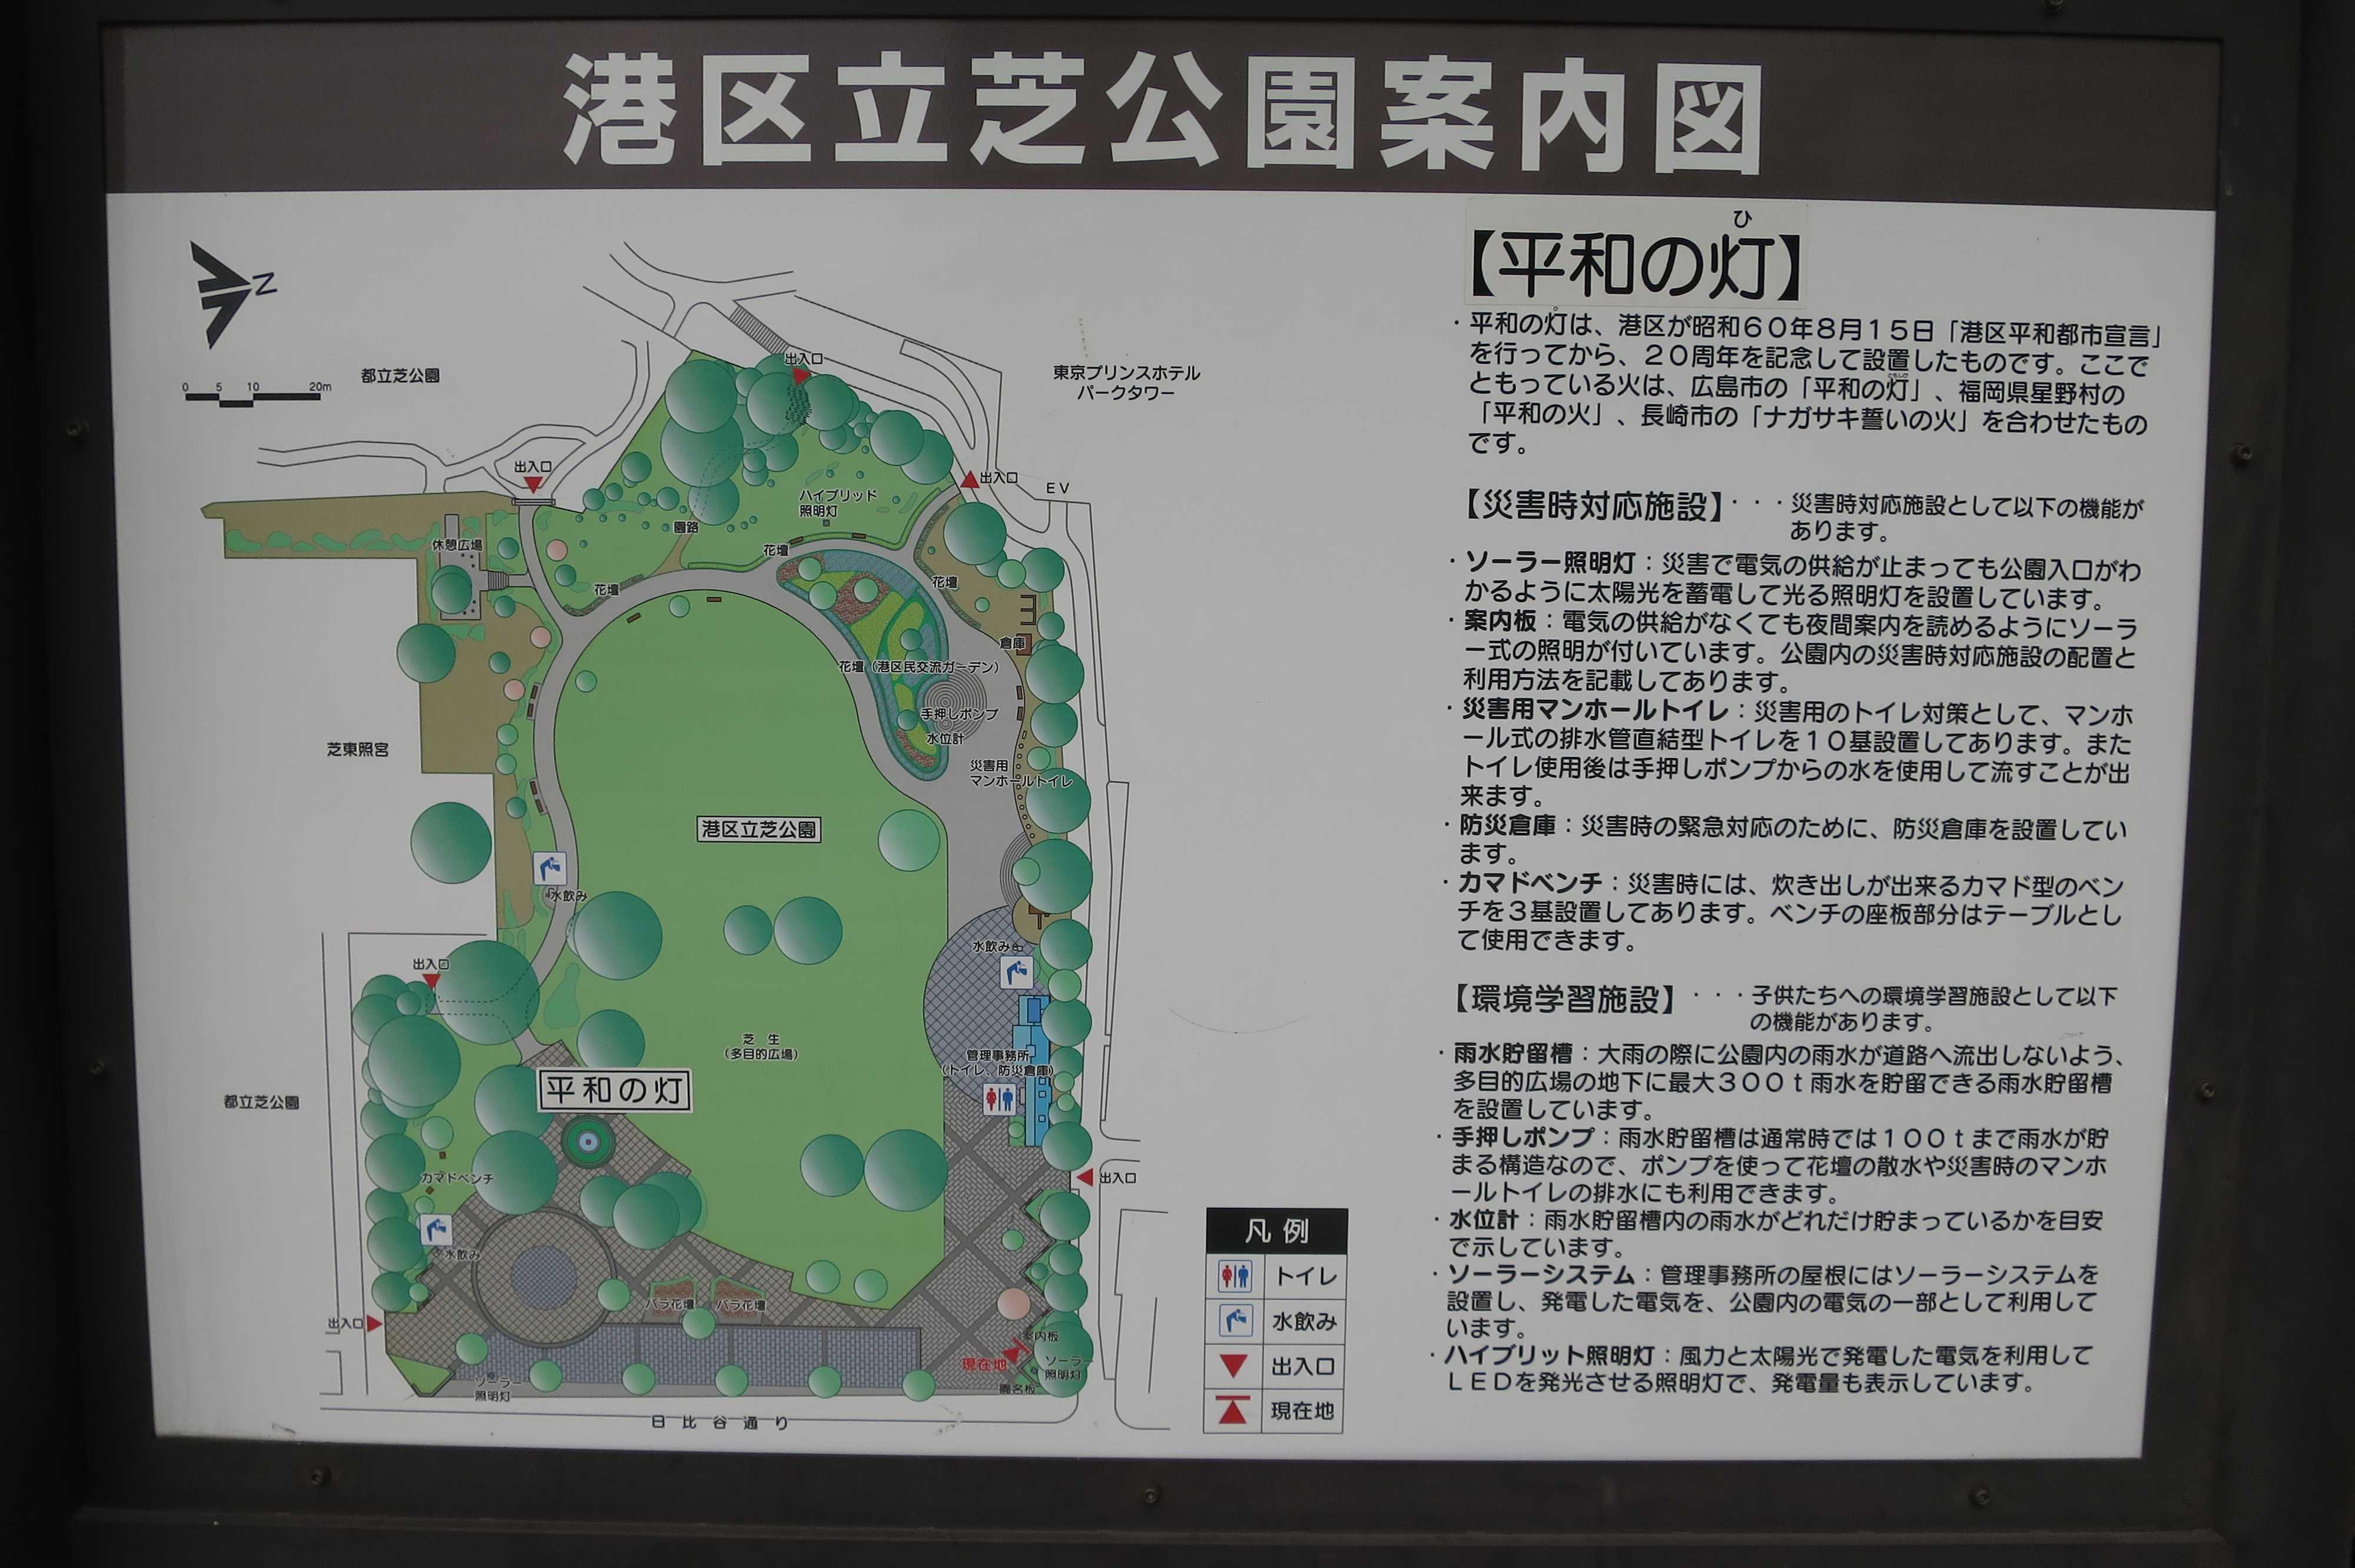 港区立芝公園案内図